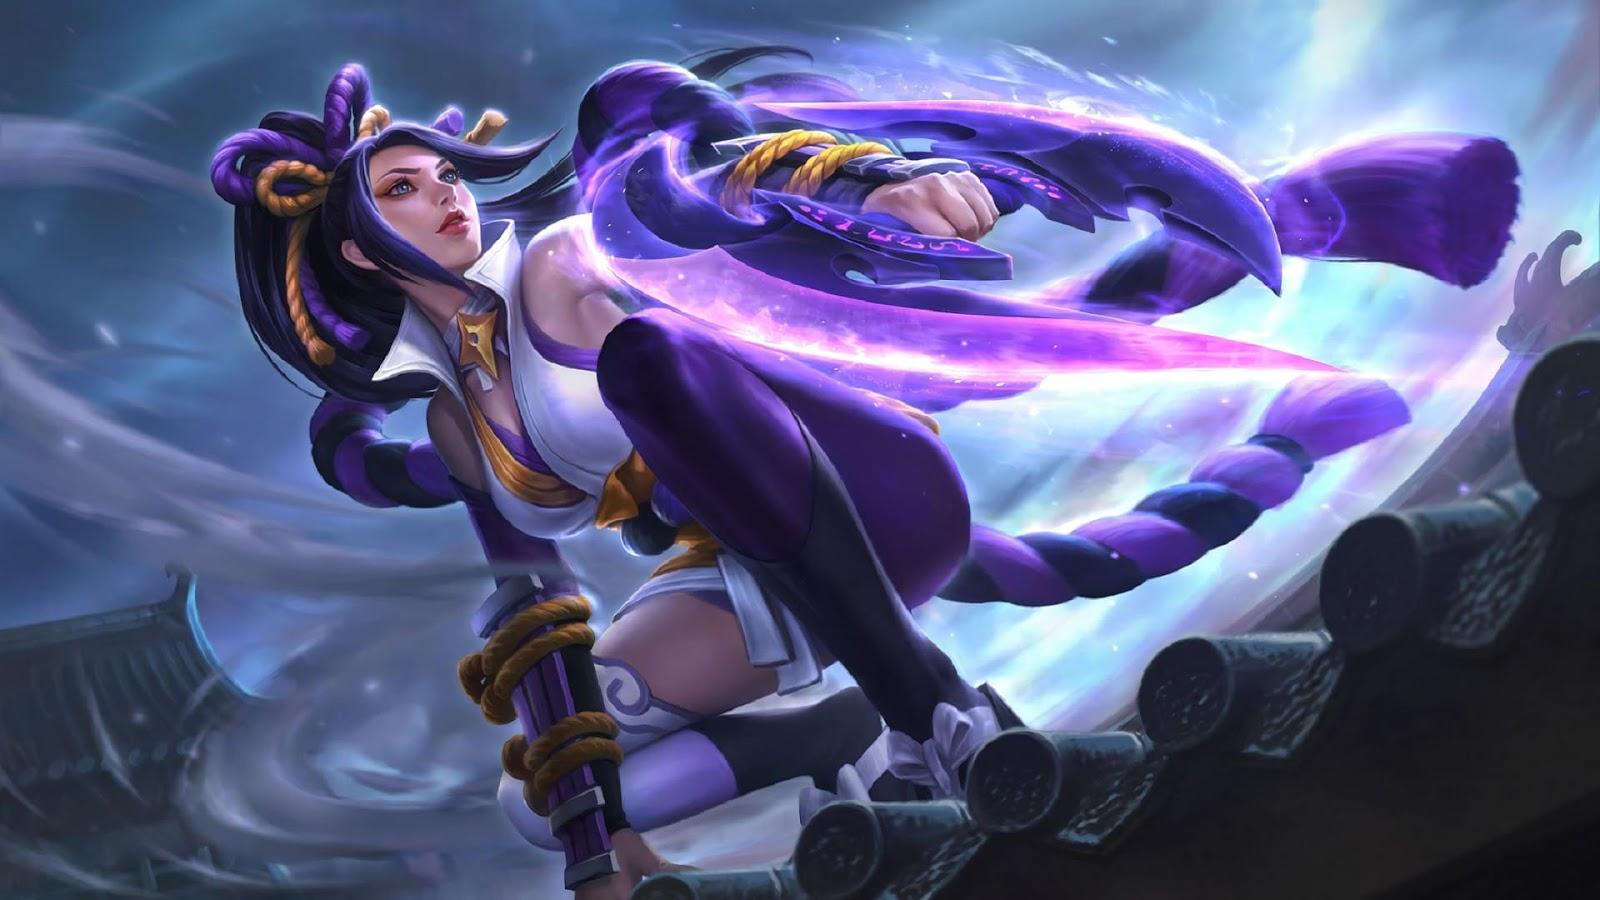 Wallpaper Hanabi Resplendent Iris Skin Mobile Legends HD for PC